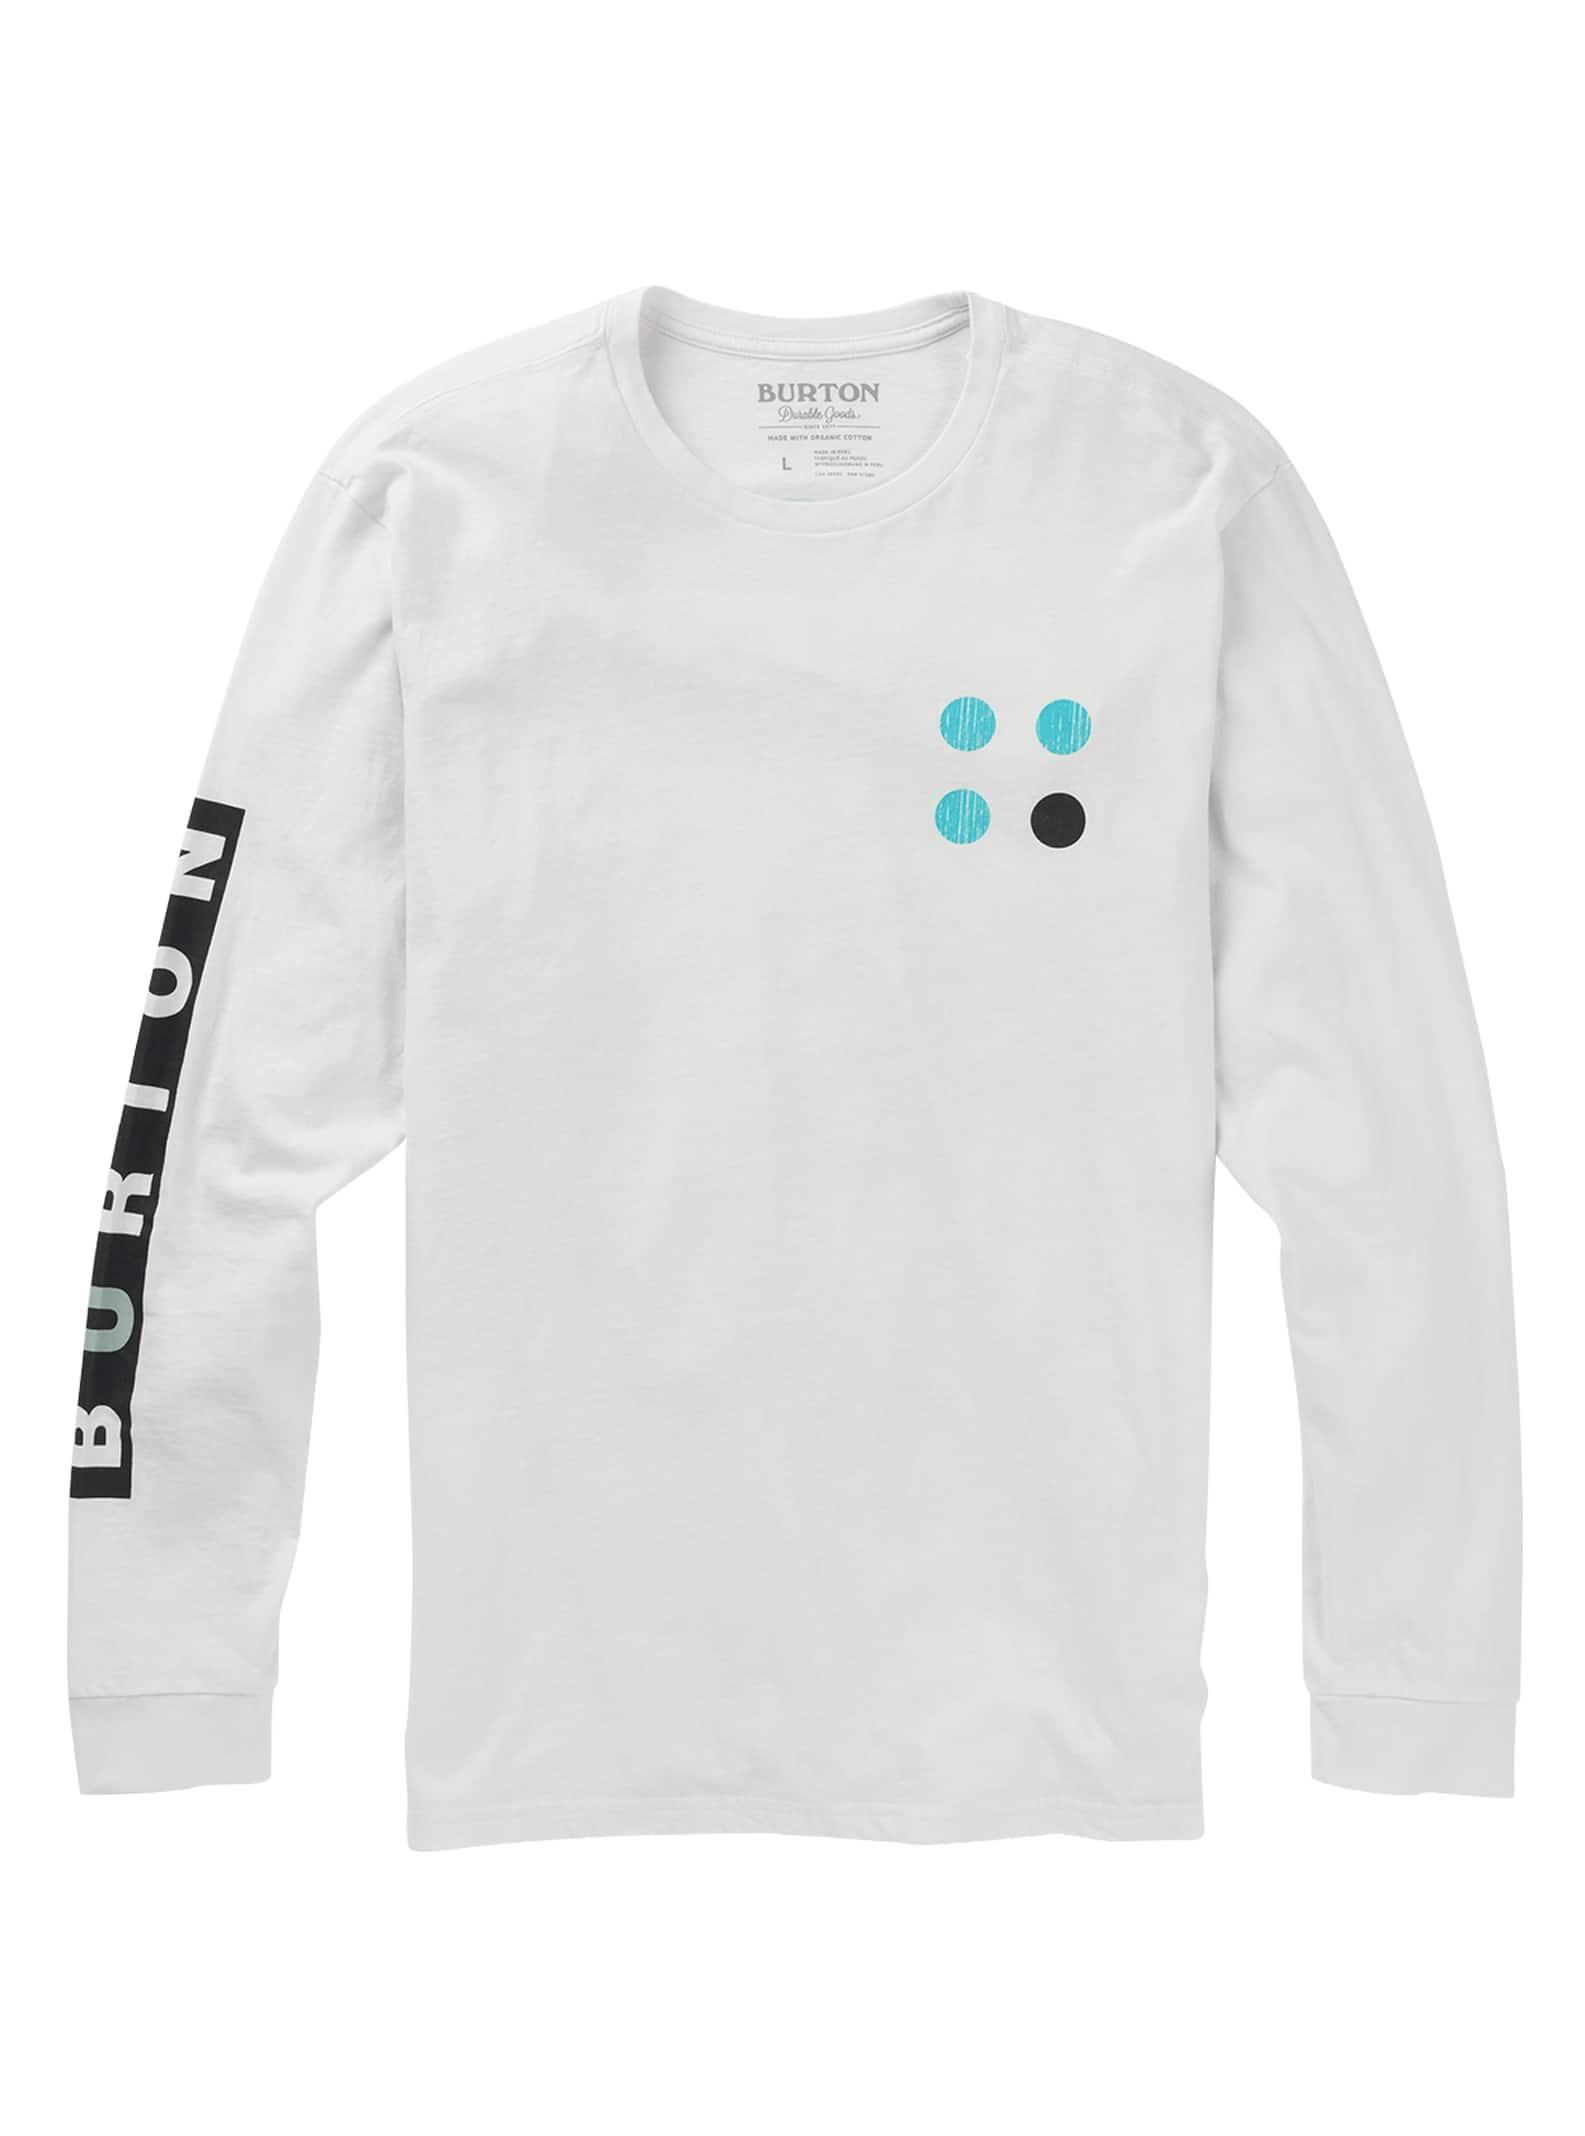 d678394f6 Men's Burton Custom Long Sleeve T Shirt | Burton.com